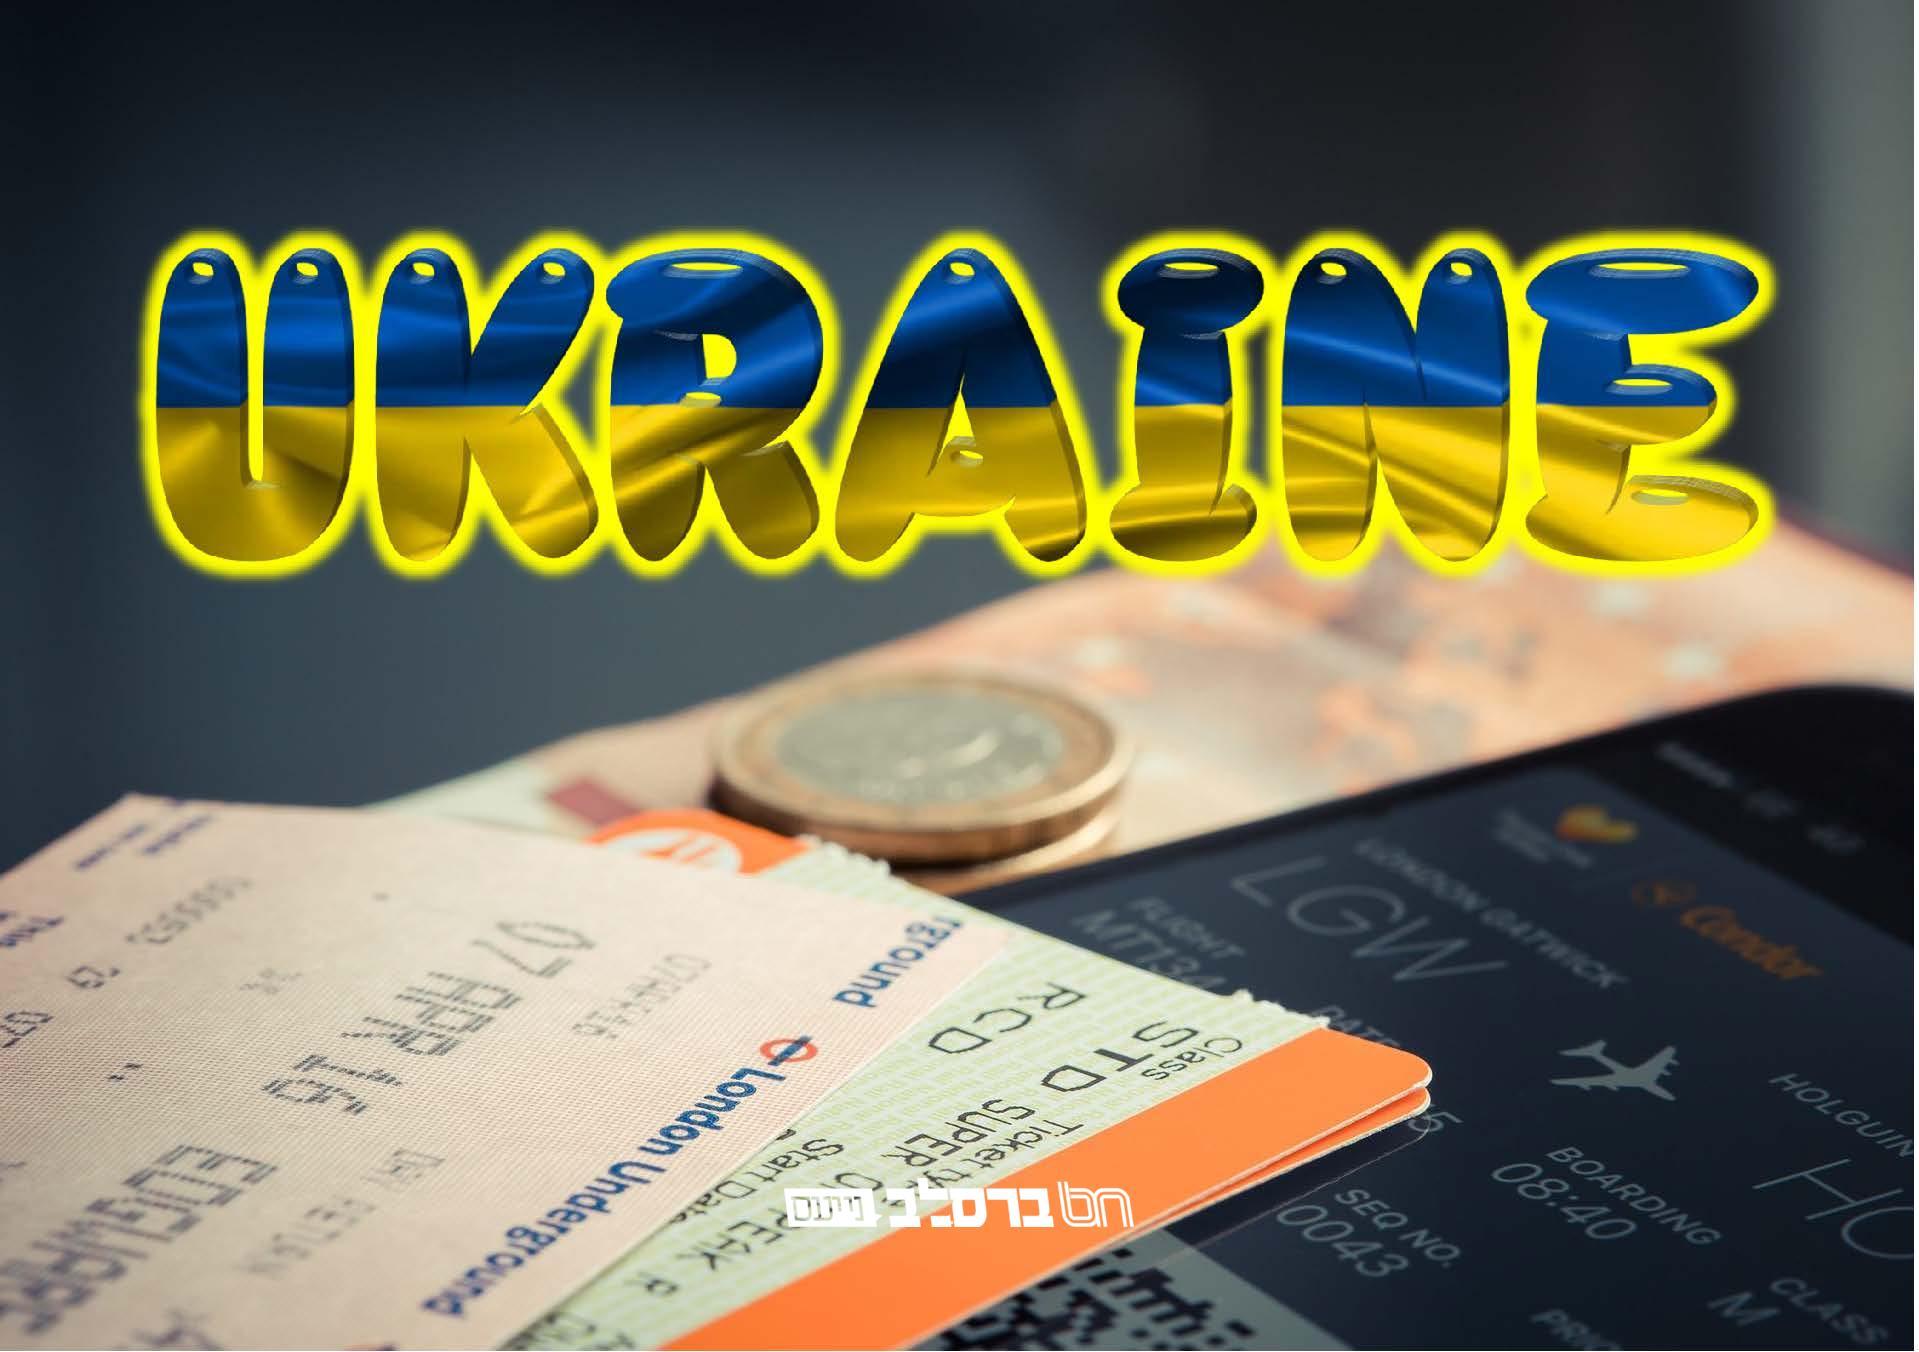 הטיסות לאומן • דיפלומטים אוקראיניים החלו בשיחות על חידוש תנועת הטיסות